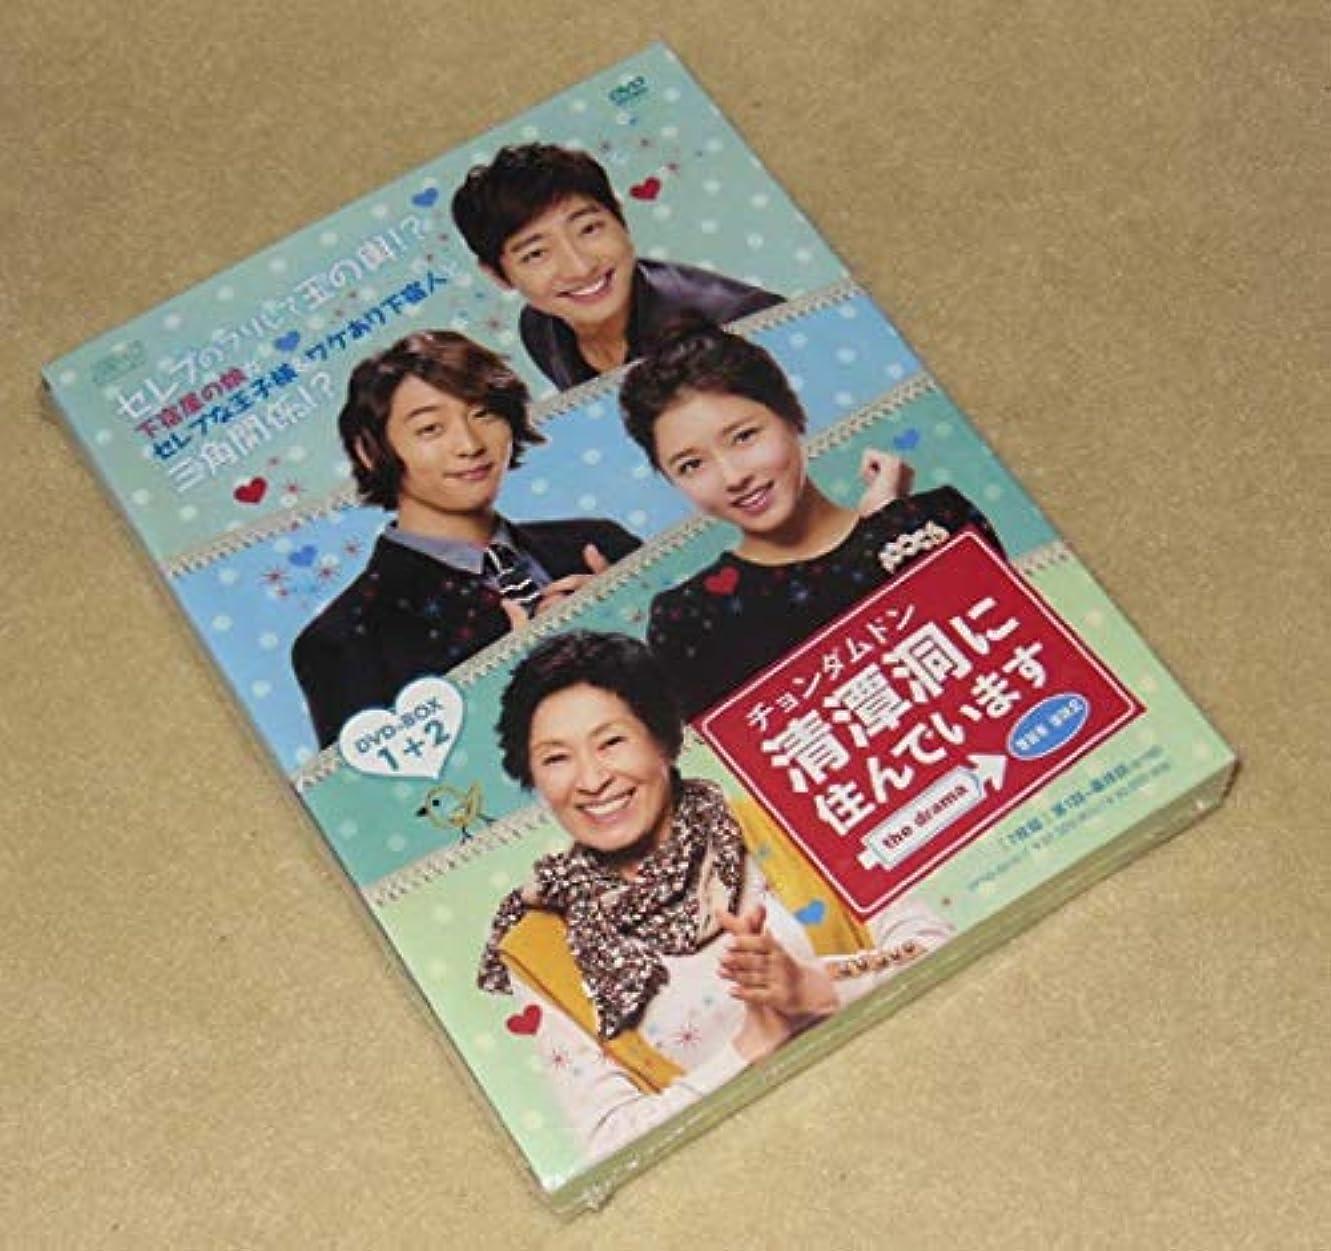 ゲージ阻害するミュート清潭洞(チョンダムドン)に住んでいます the drama DVD-BOX1+2 7枚組1-19話全 本編1097分韓国語/ 日本語字幕